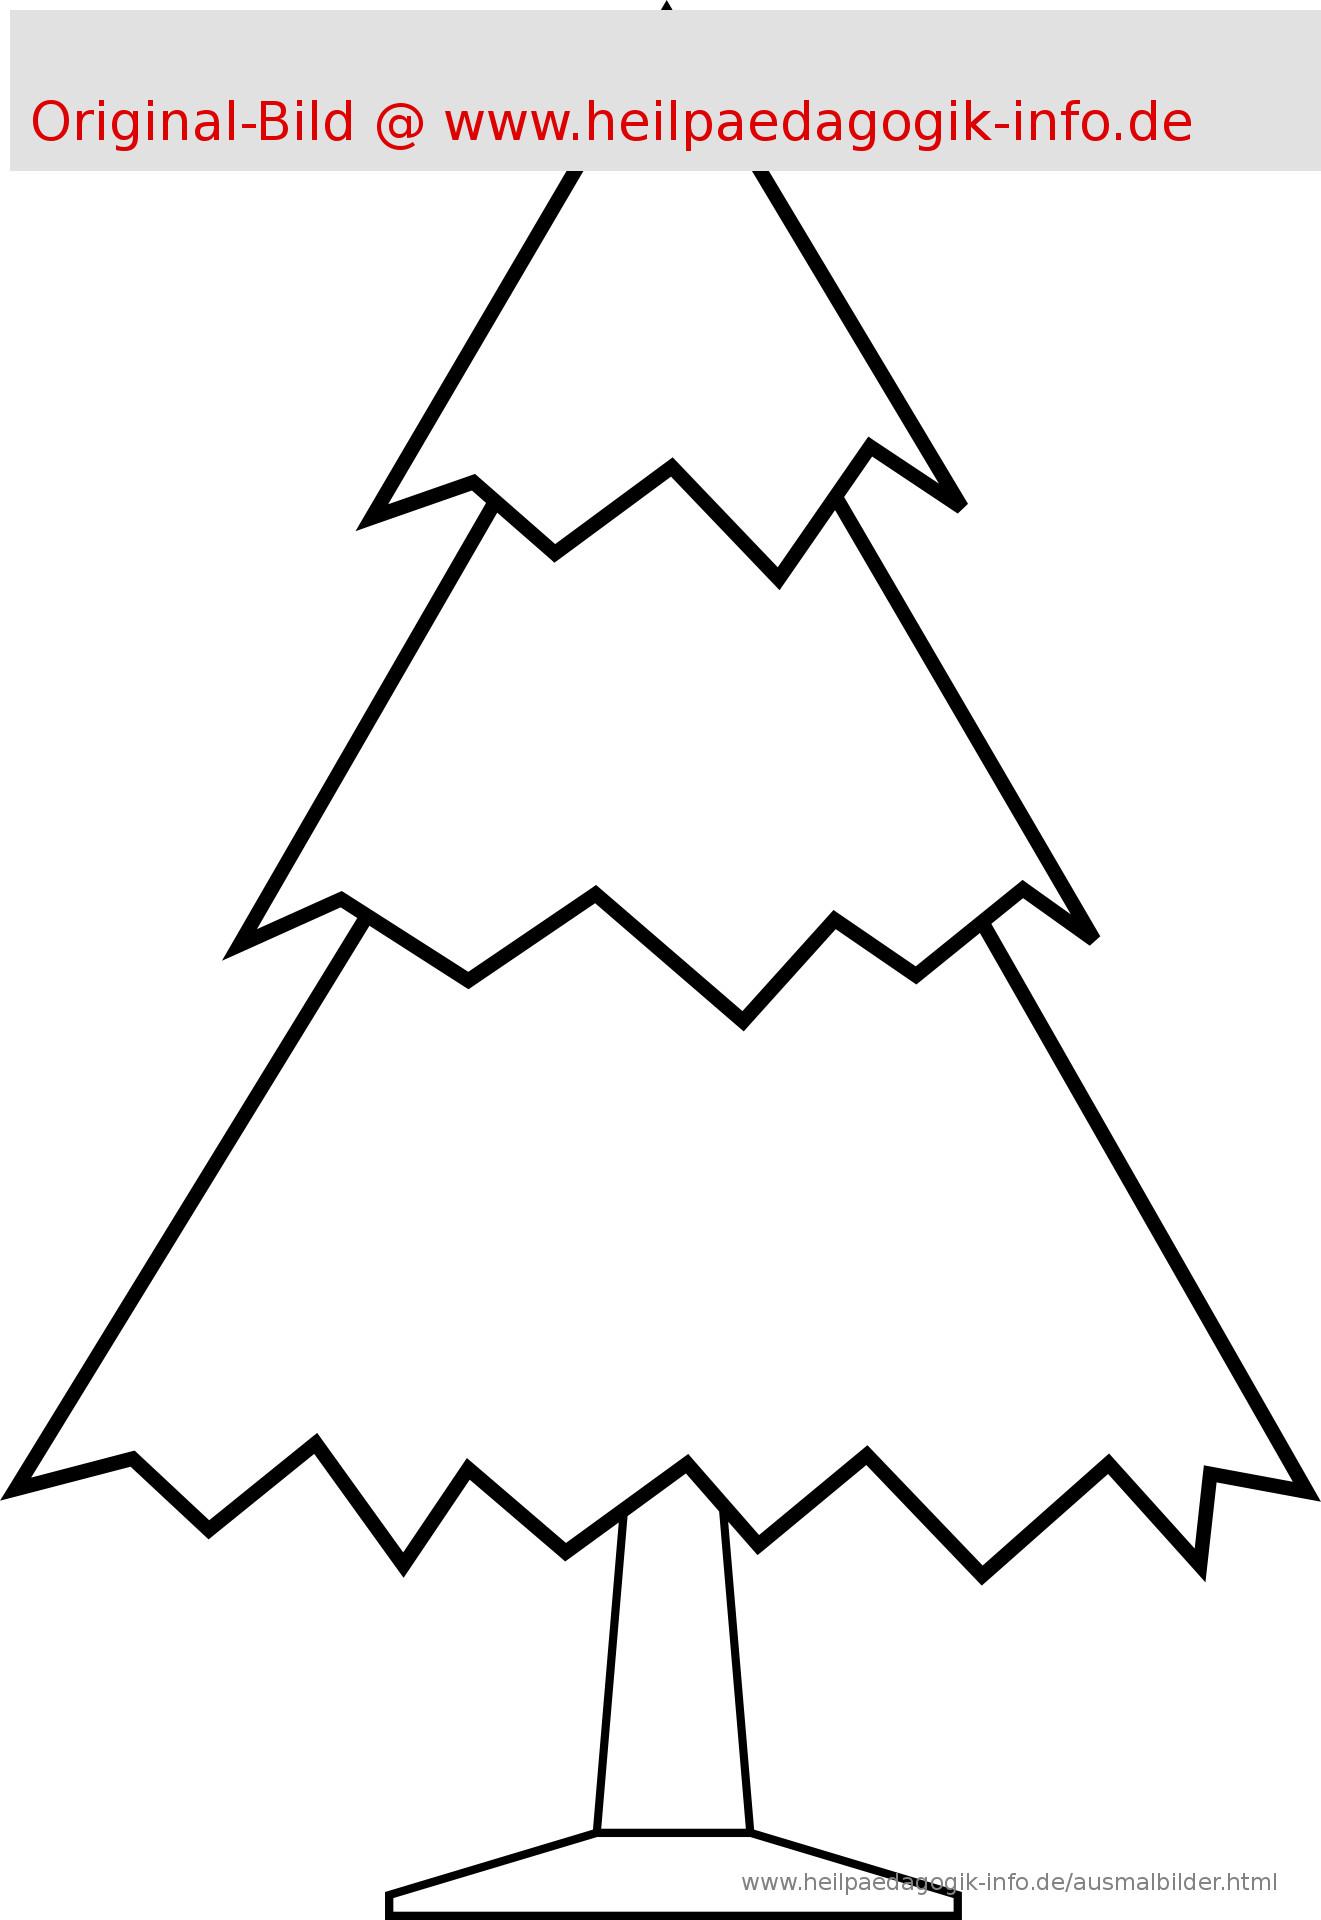 Ausmalbilder Weihnachten Merry Christmas Einzigartig Ausmalbilder Weihnachten Bilder